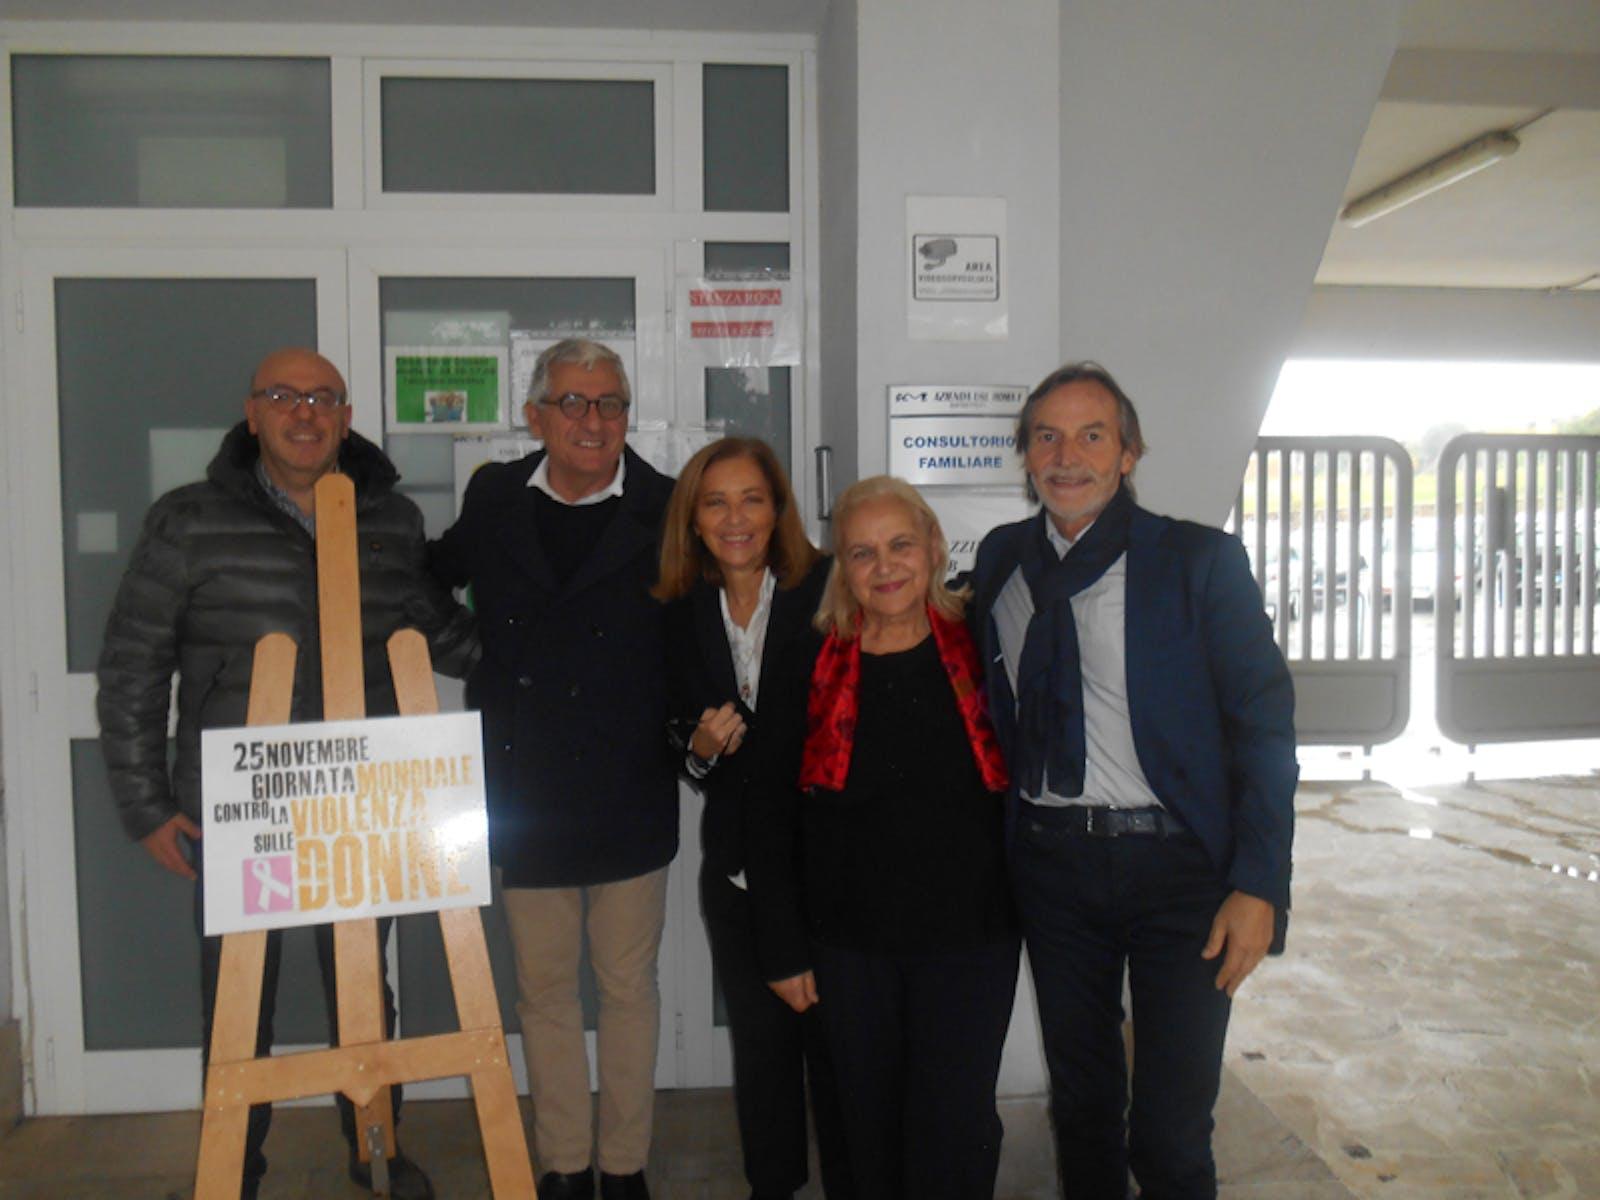 Quintavalle, Matera, Caimi, Mocci e Tarantino